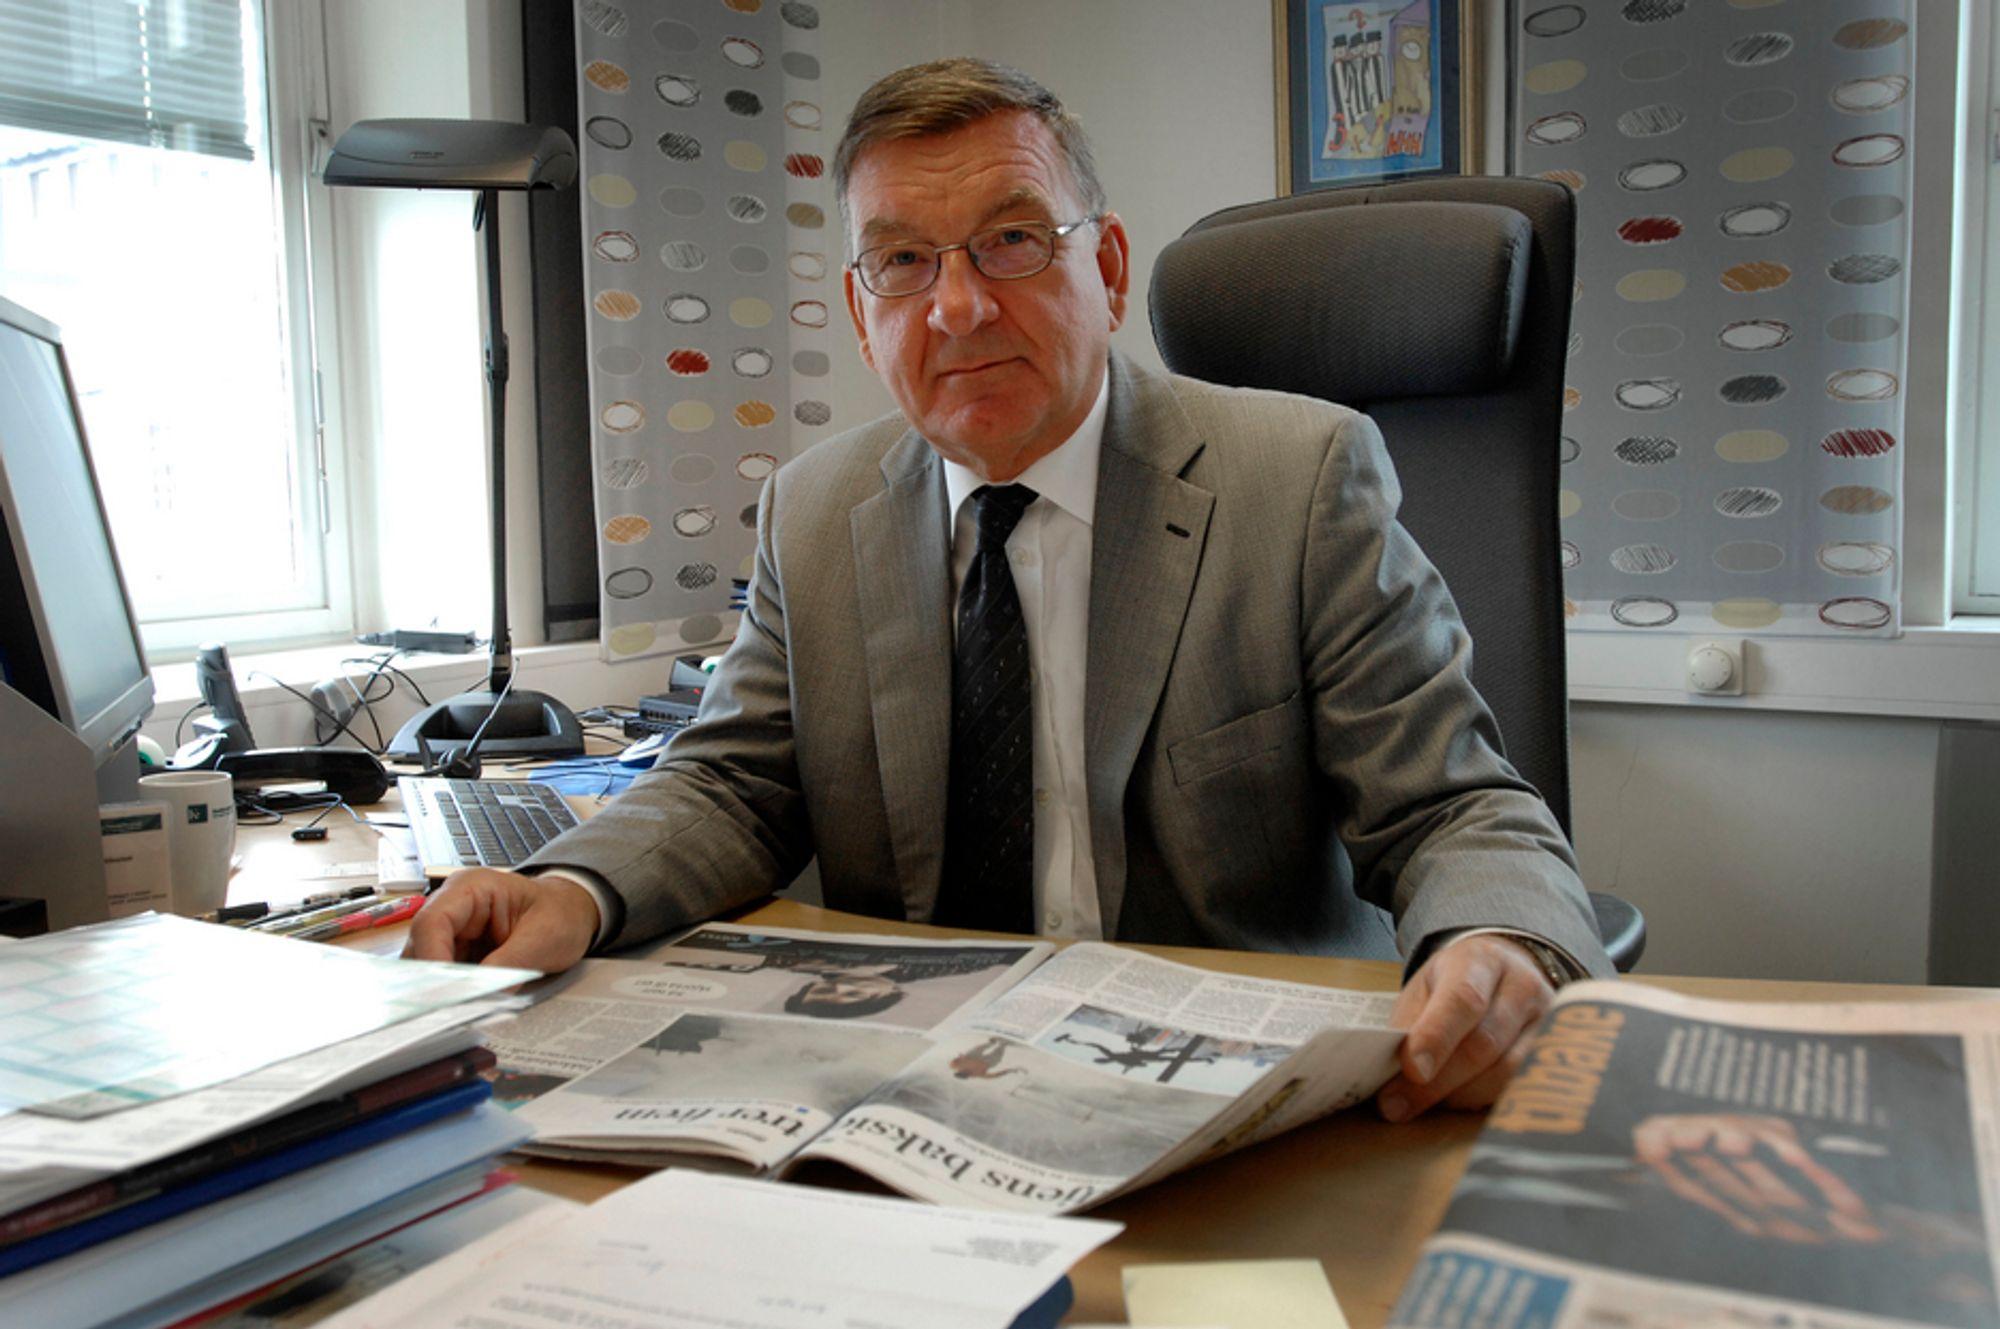 VANT: Konkurransedirektør Knut Eggum Johansen vant frem i ringretten, og kaller dommen et viktig signal.